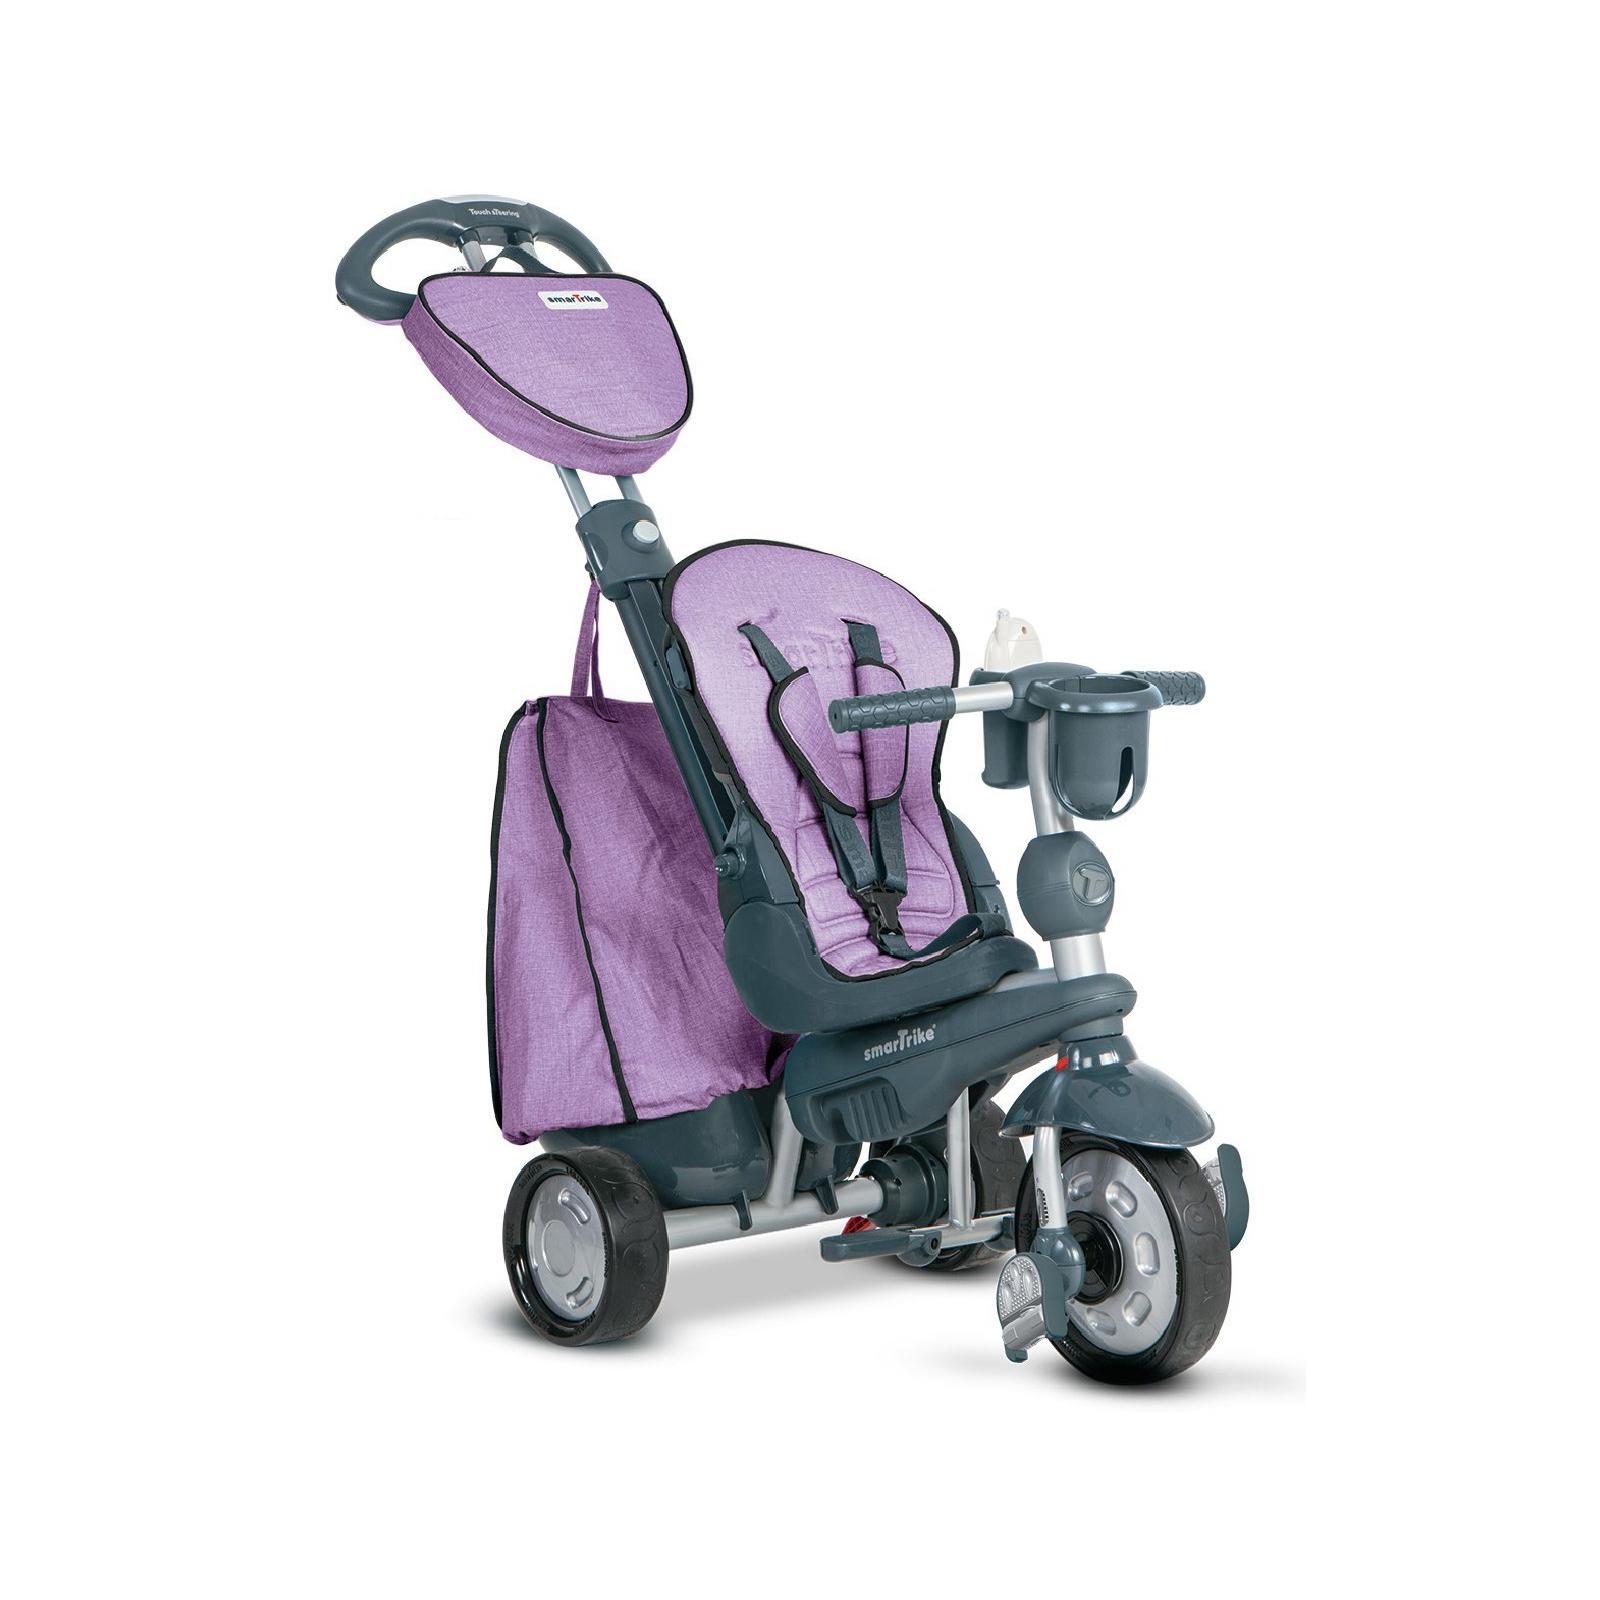 Детский велосипед Smart Trike Explorer 5 в 1 Grey (8200900) изображение 3